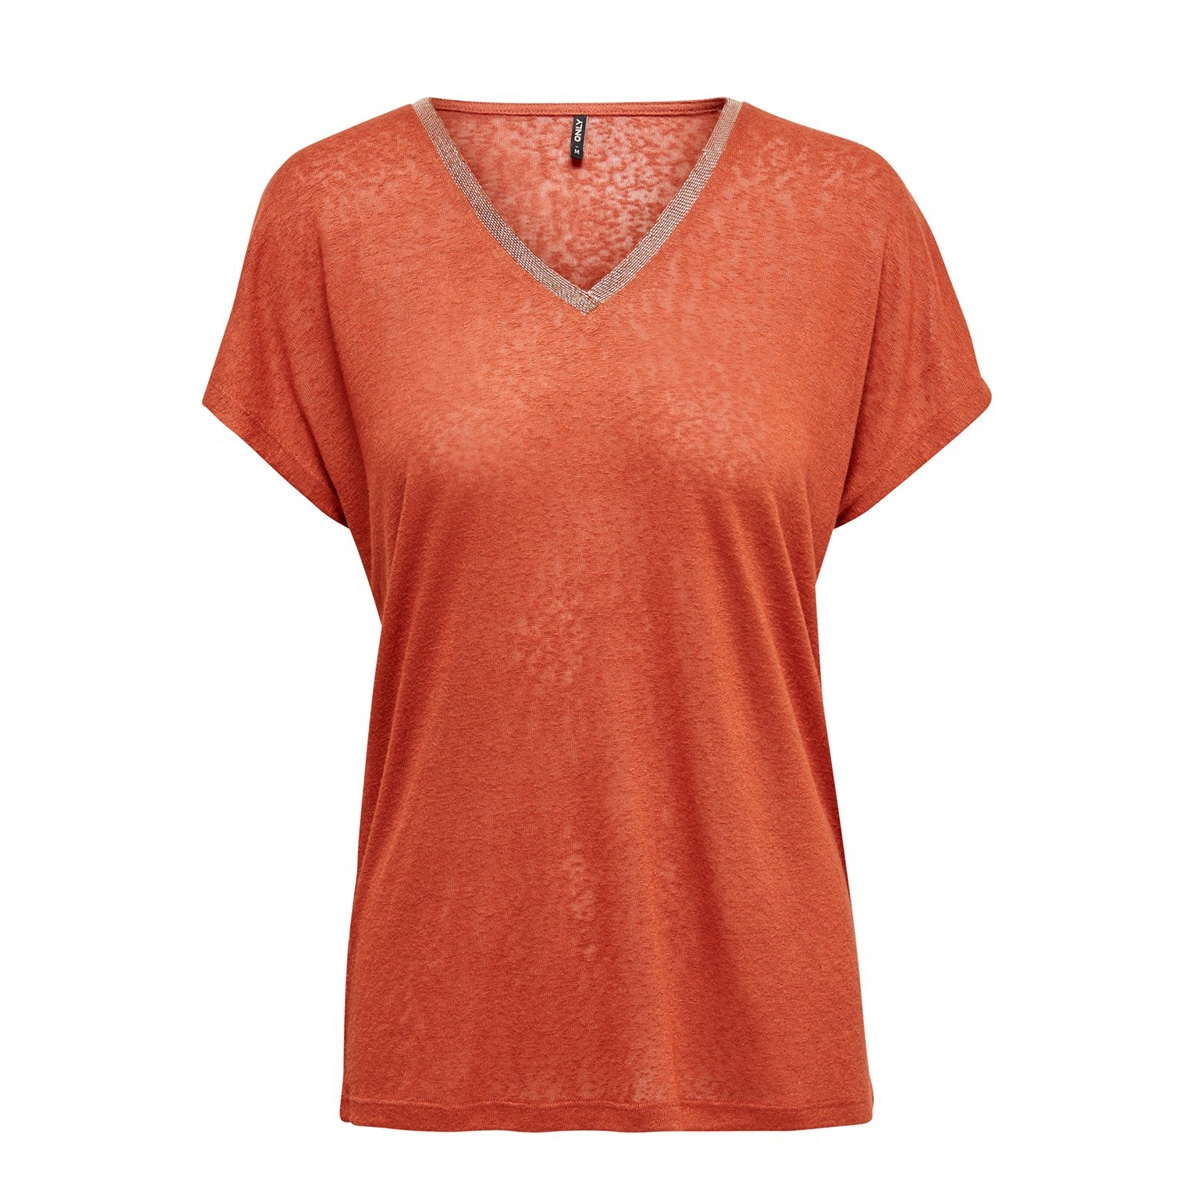 onlraley s/s v-neck glitter top cs 15203057 only t-shirt hot sauce